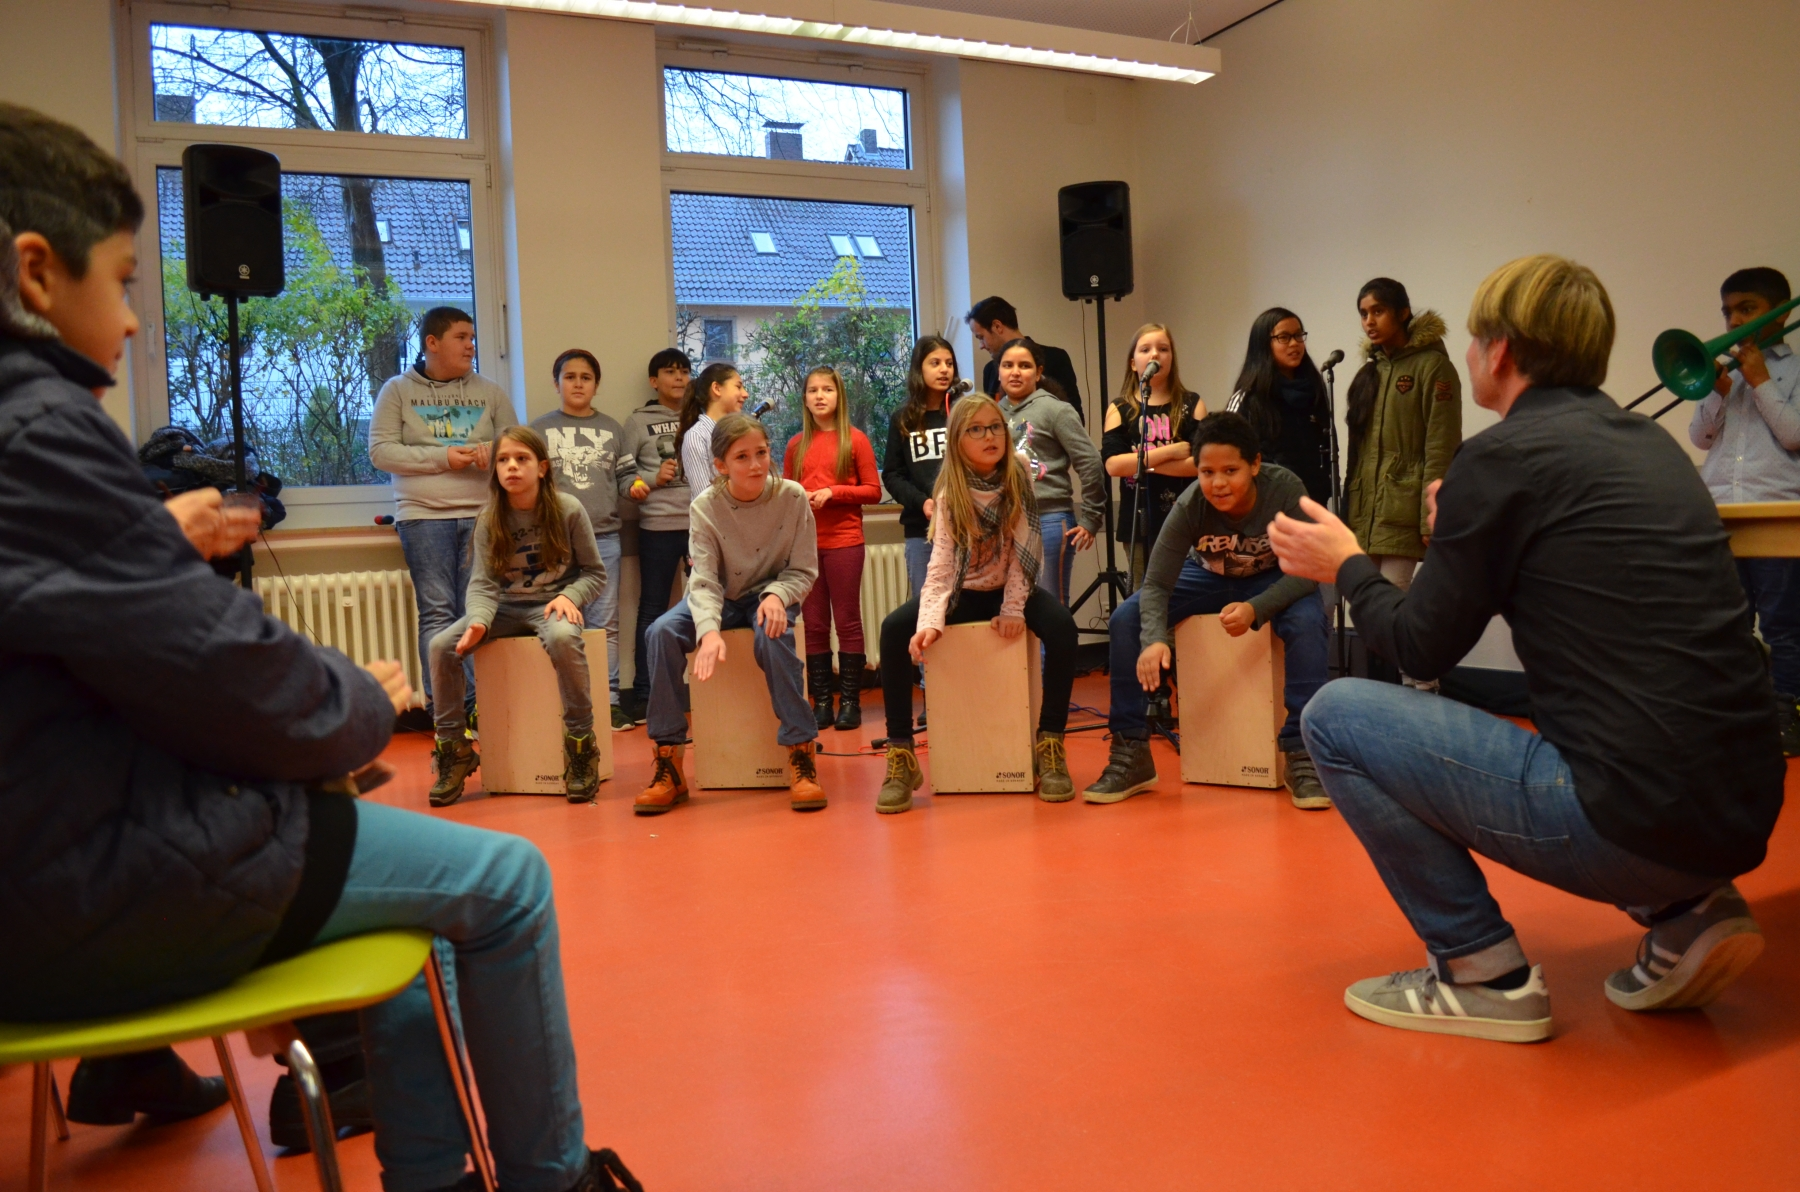 musikalische Begrüßung durch die Musikklasse